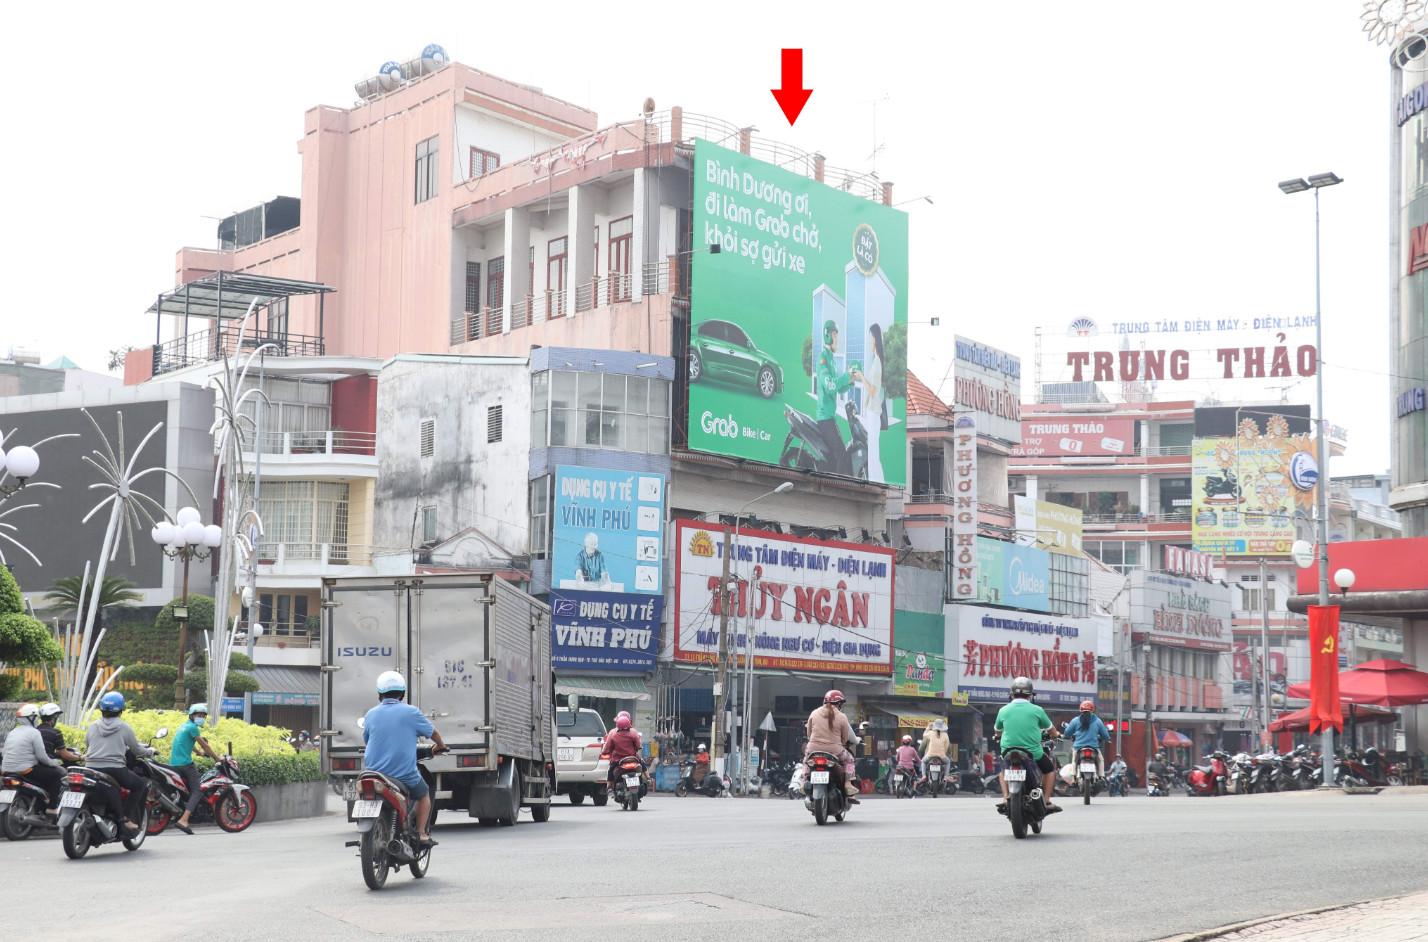 VÒNG XOAY NGÃ SÁU THỦ DẦU MỘT - BDG-7482